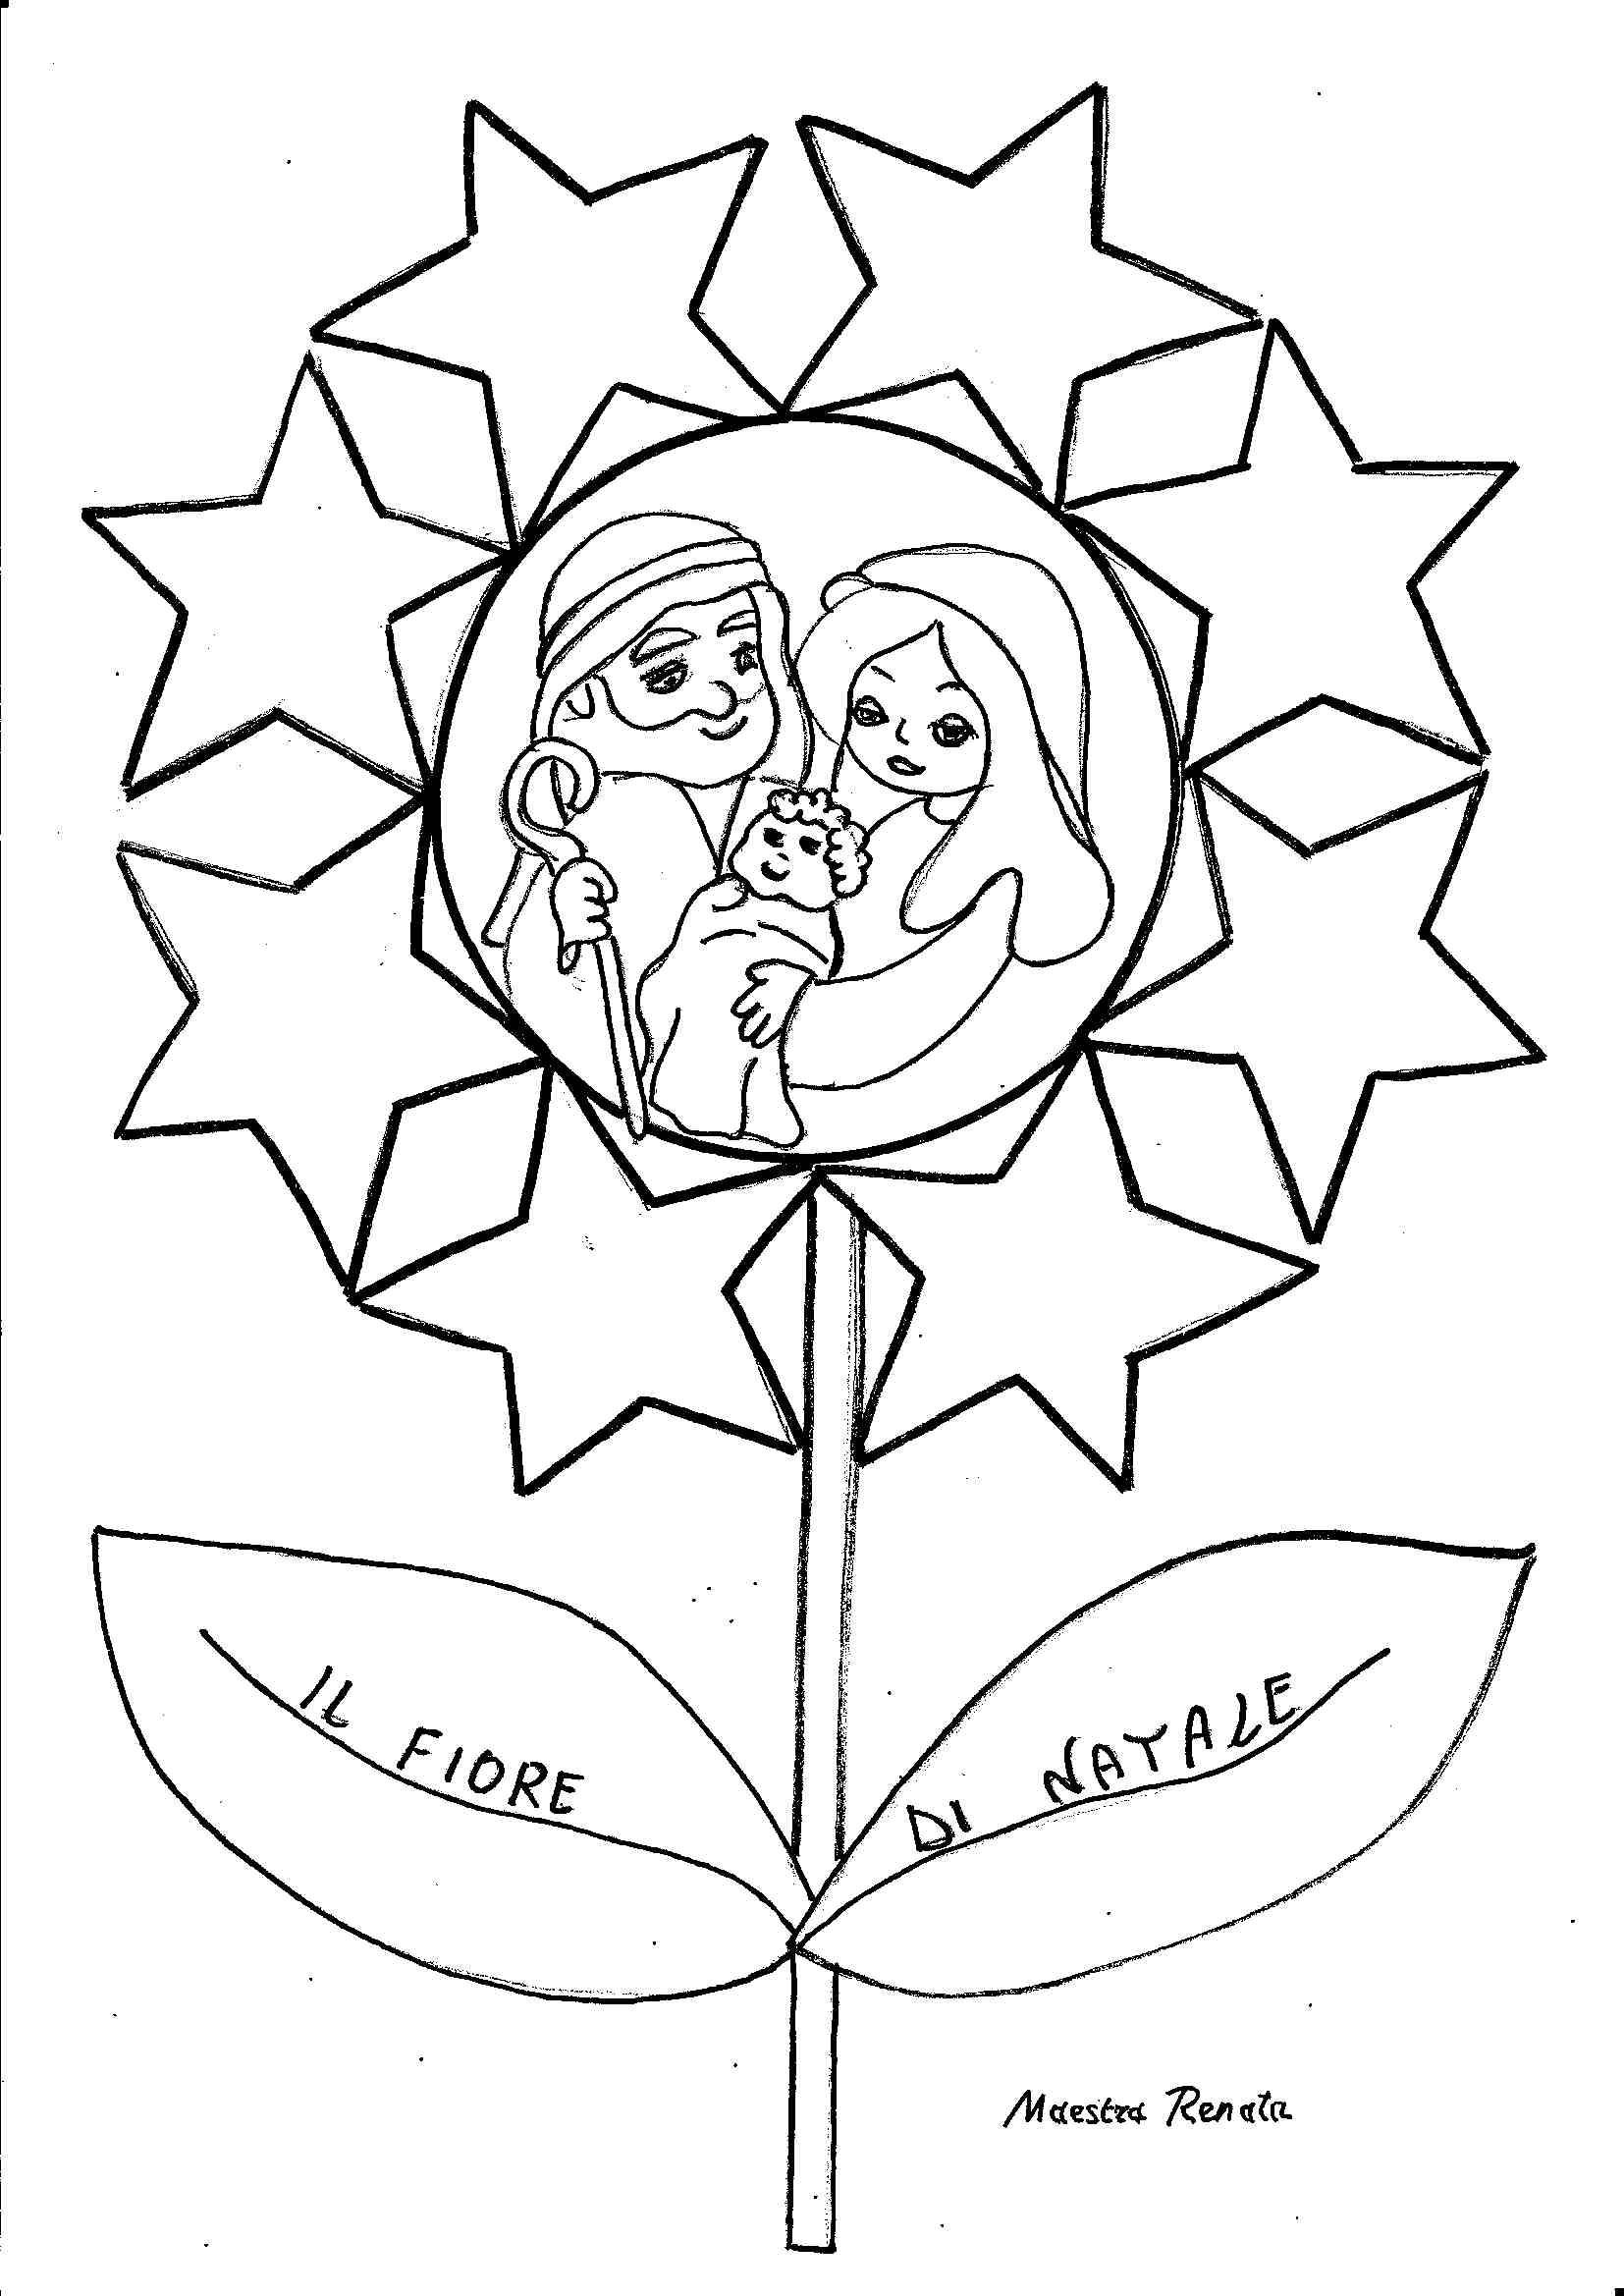 La religione in un fiore maestrarenata for Lavoretti natale scuola infanzia maestra mary